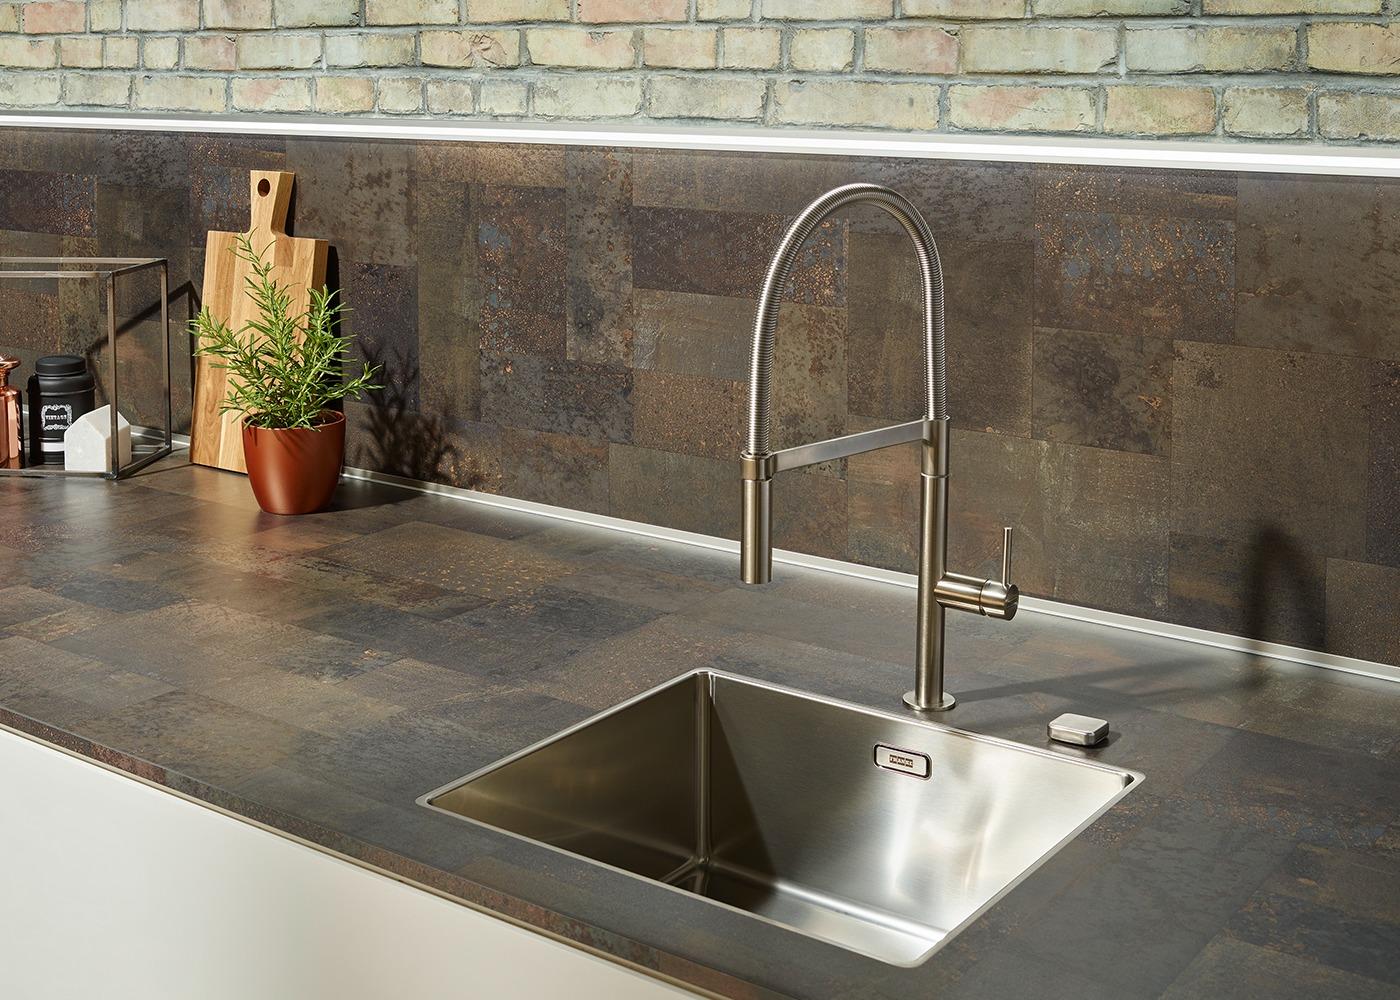 Hervorragend Arbeitsplatten und Rückwände - Küchenzubehör - Produkte KH18